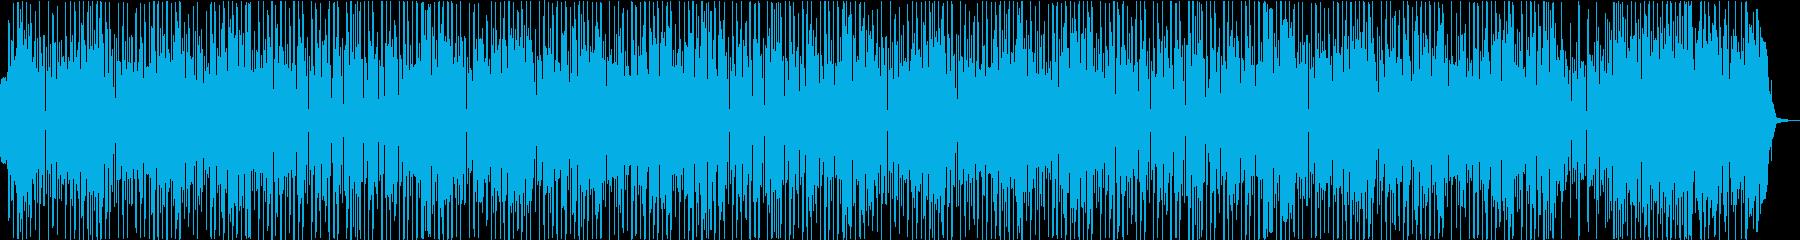 CM】渋くてかっこいいジャズブラスの再生済みの波形